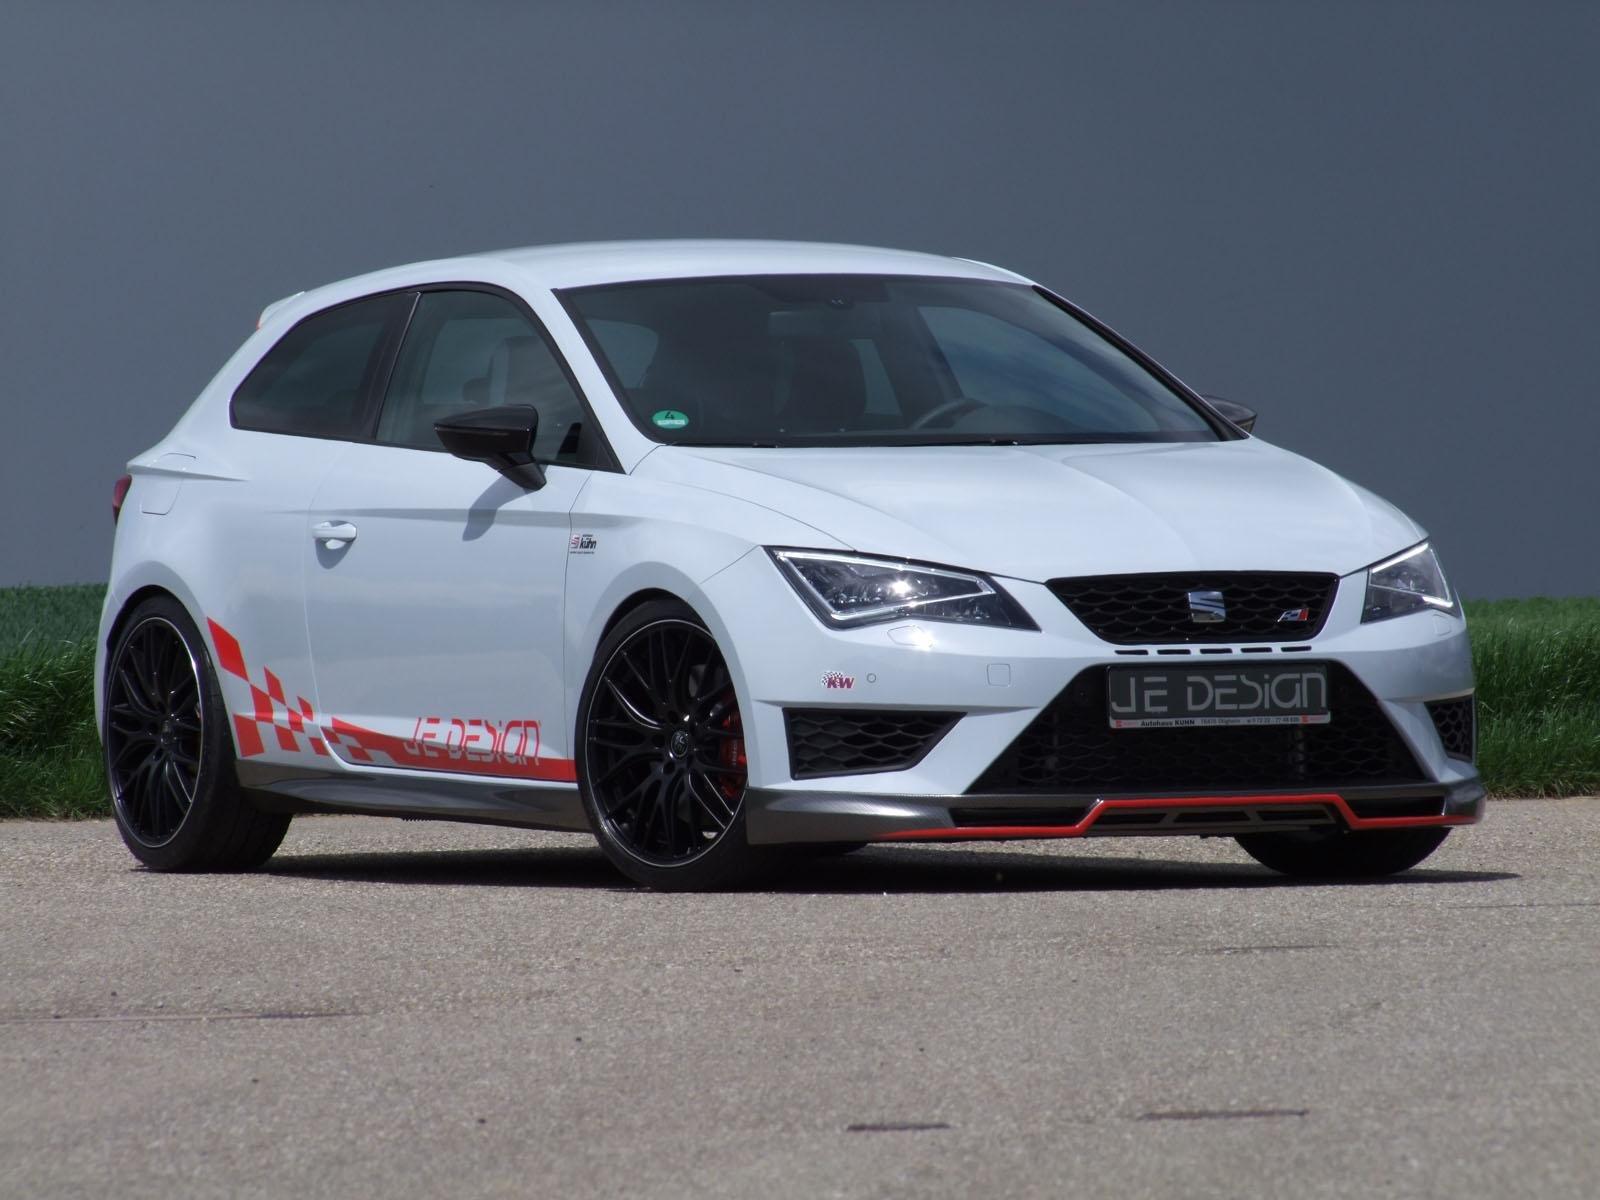 Сеат Leon Cupra JeDesign достиг производительности Ауди RS3 Sportback